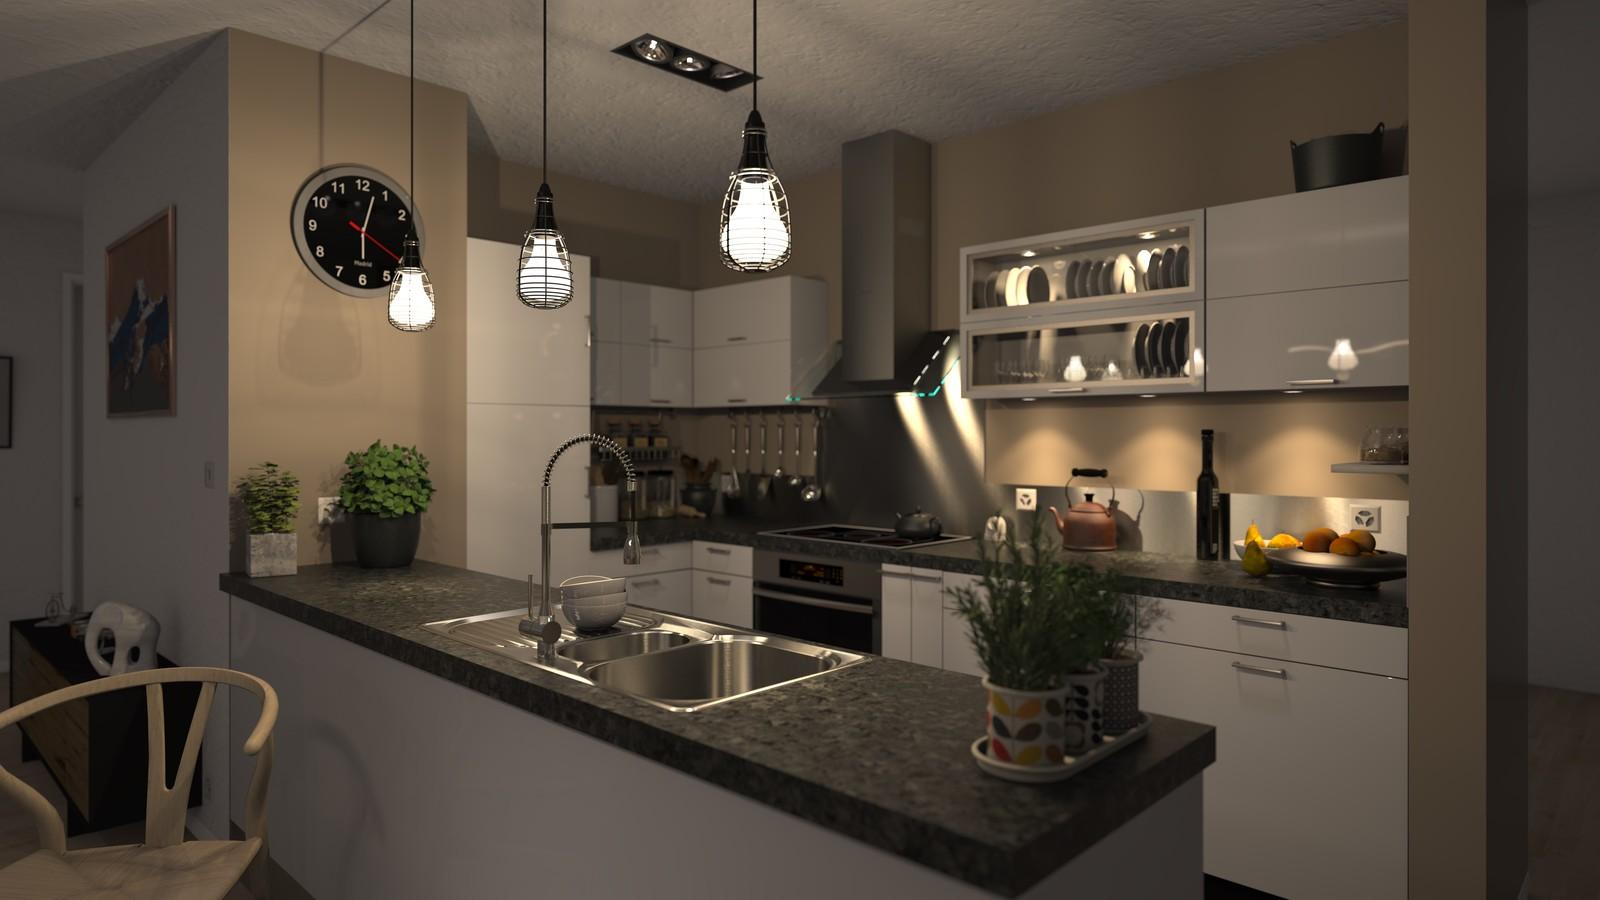 SketchUp + Thea Render Apartment model 03 v2019-Scene 28 NIght V2 HD3000 x 5333 PrestoAO 1024 spx 58m40s